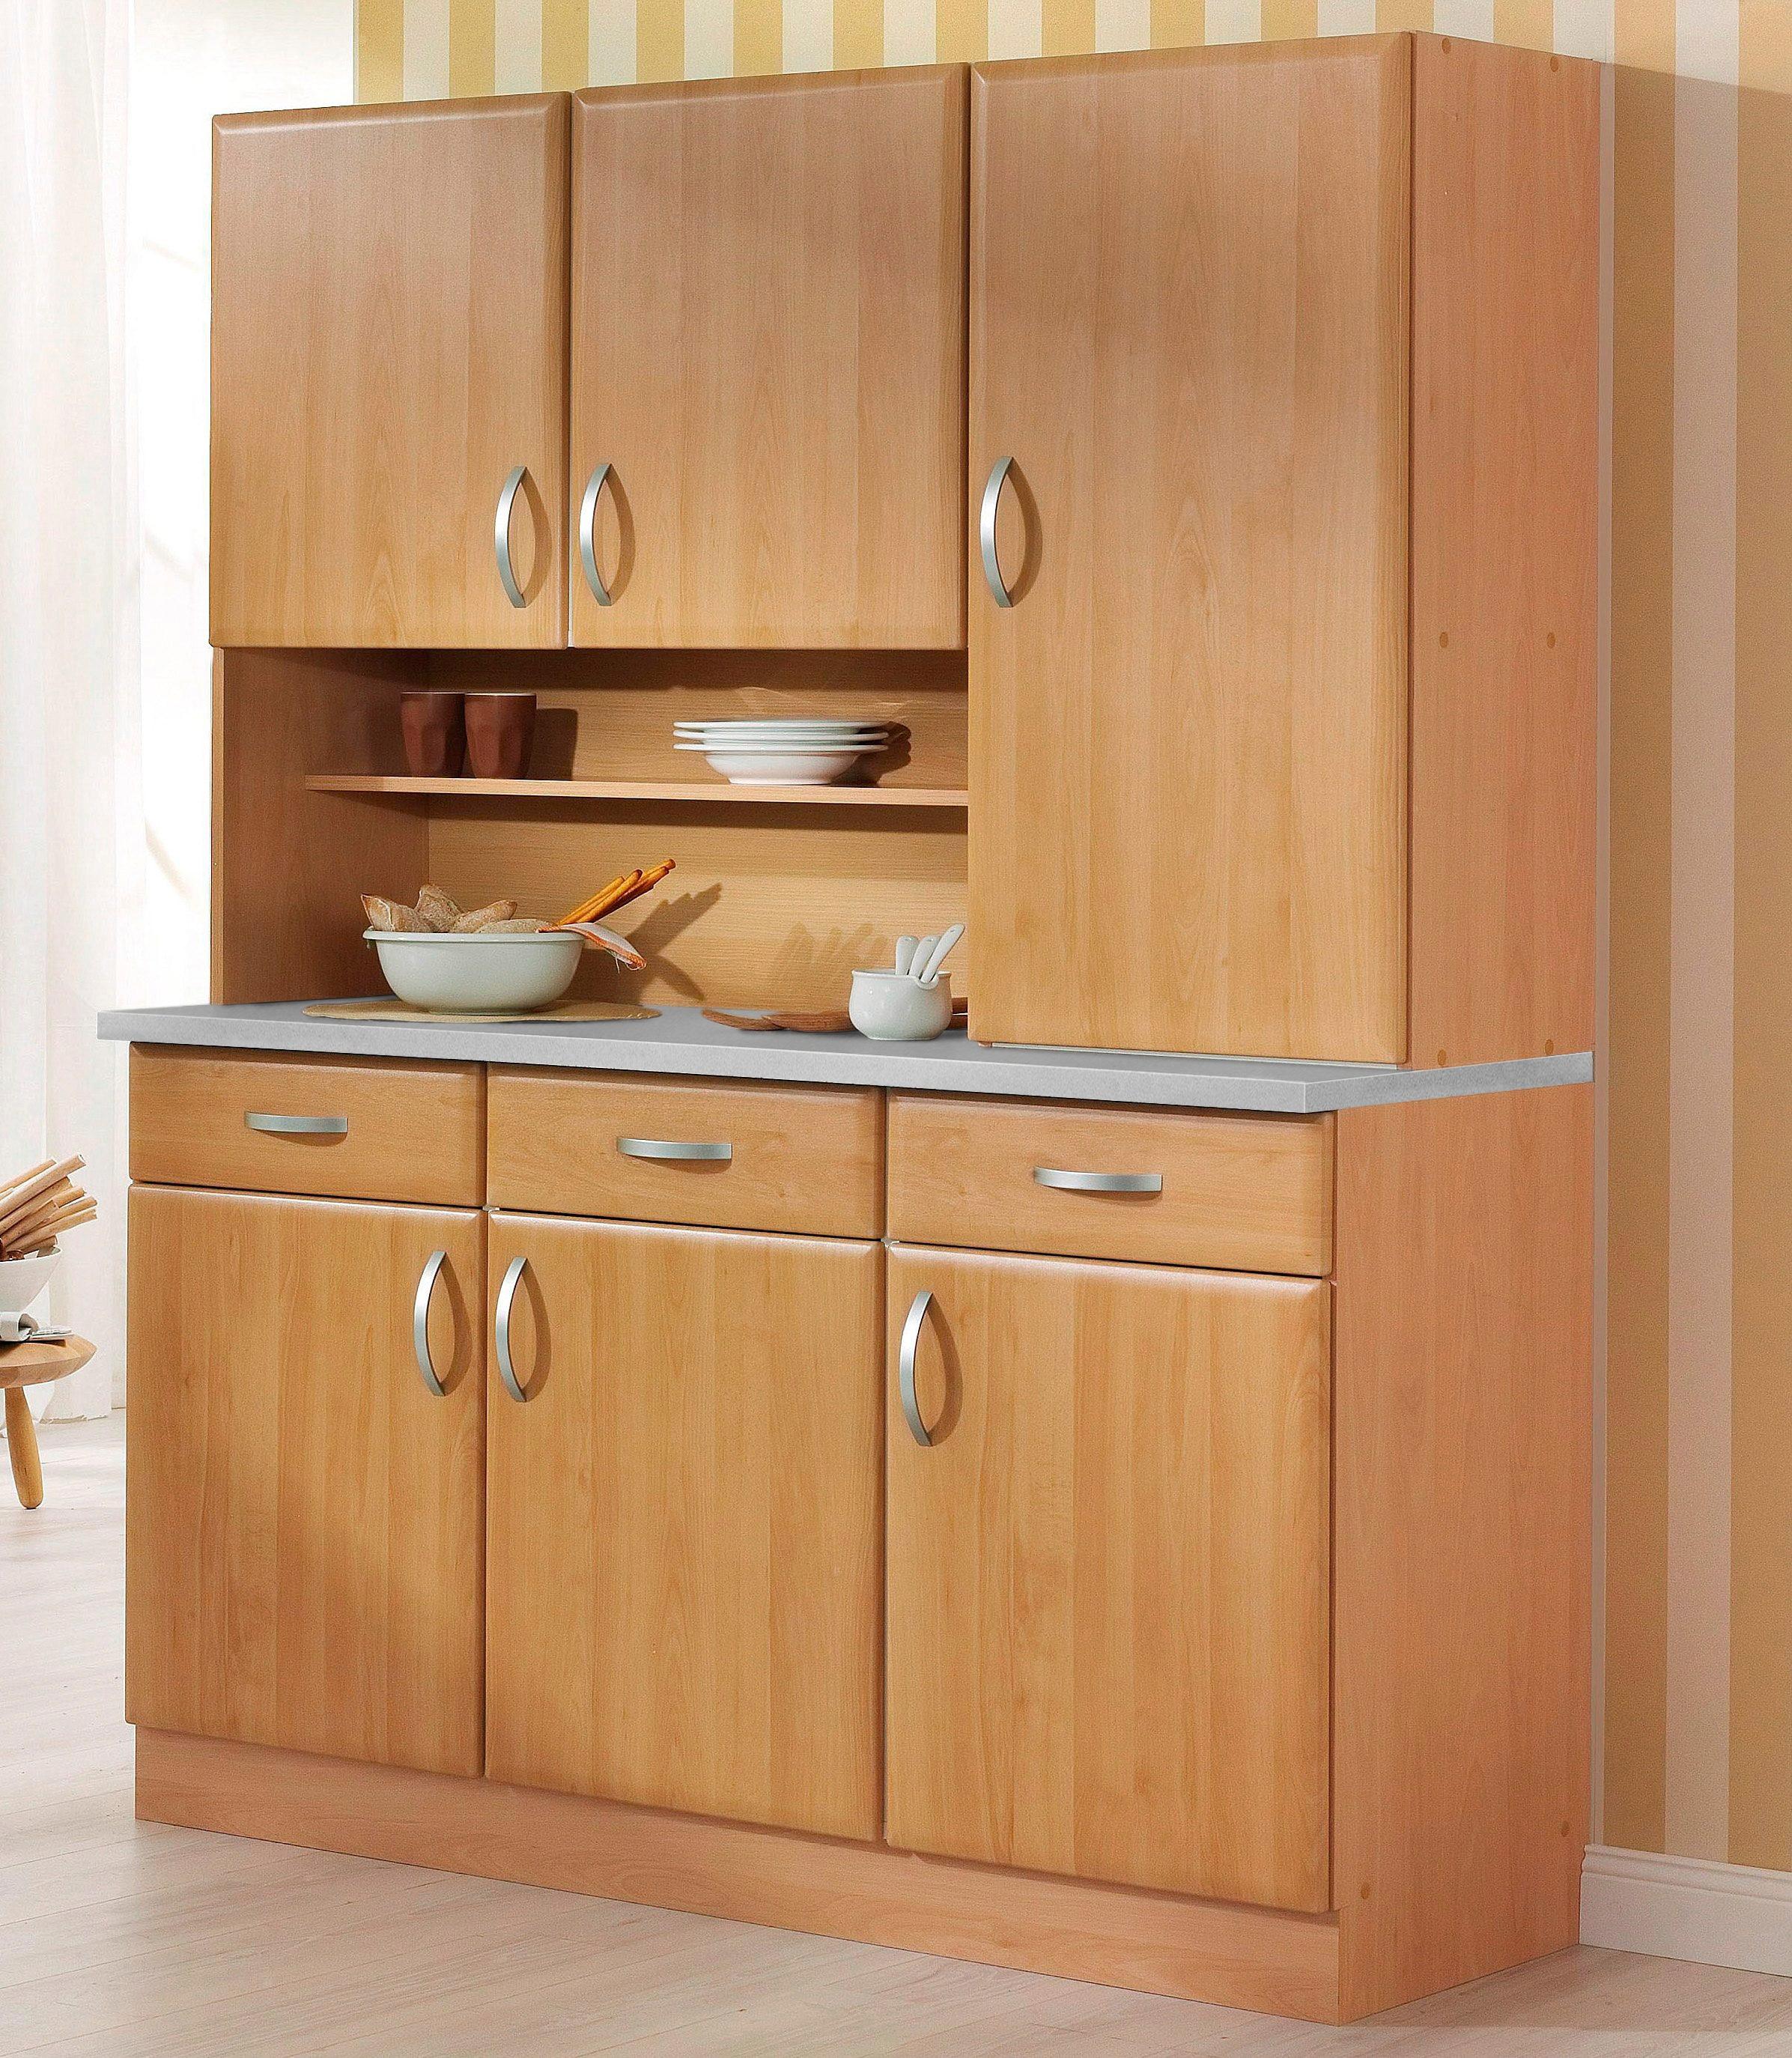 wiho Küchen Küchenbuffet Küchenbuffet Prag Breite 150 cm